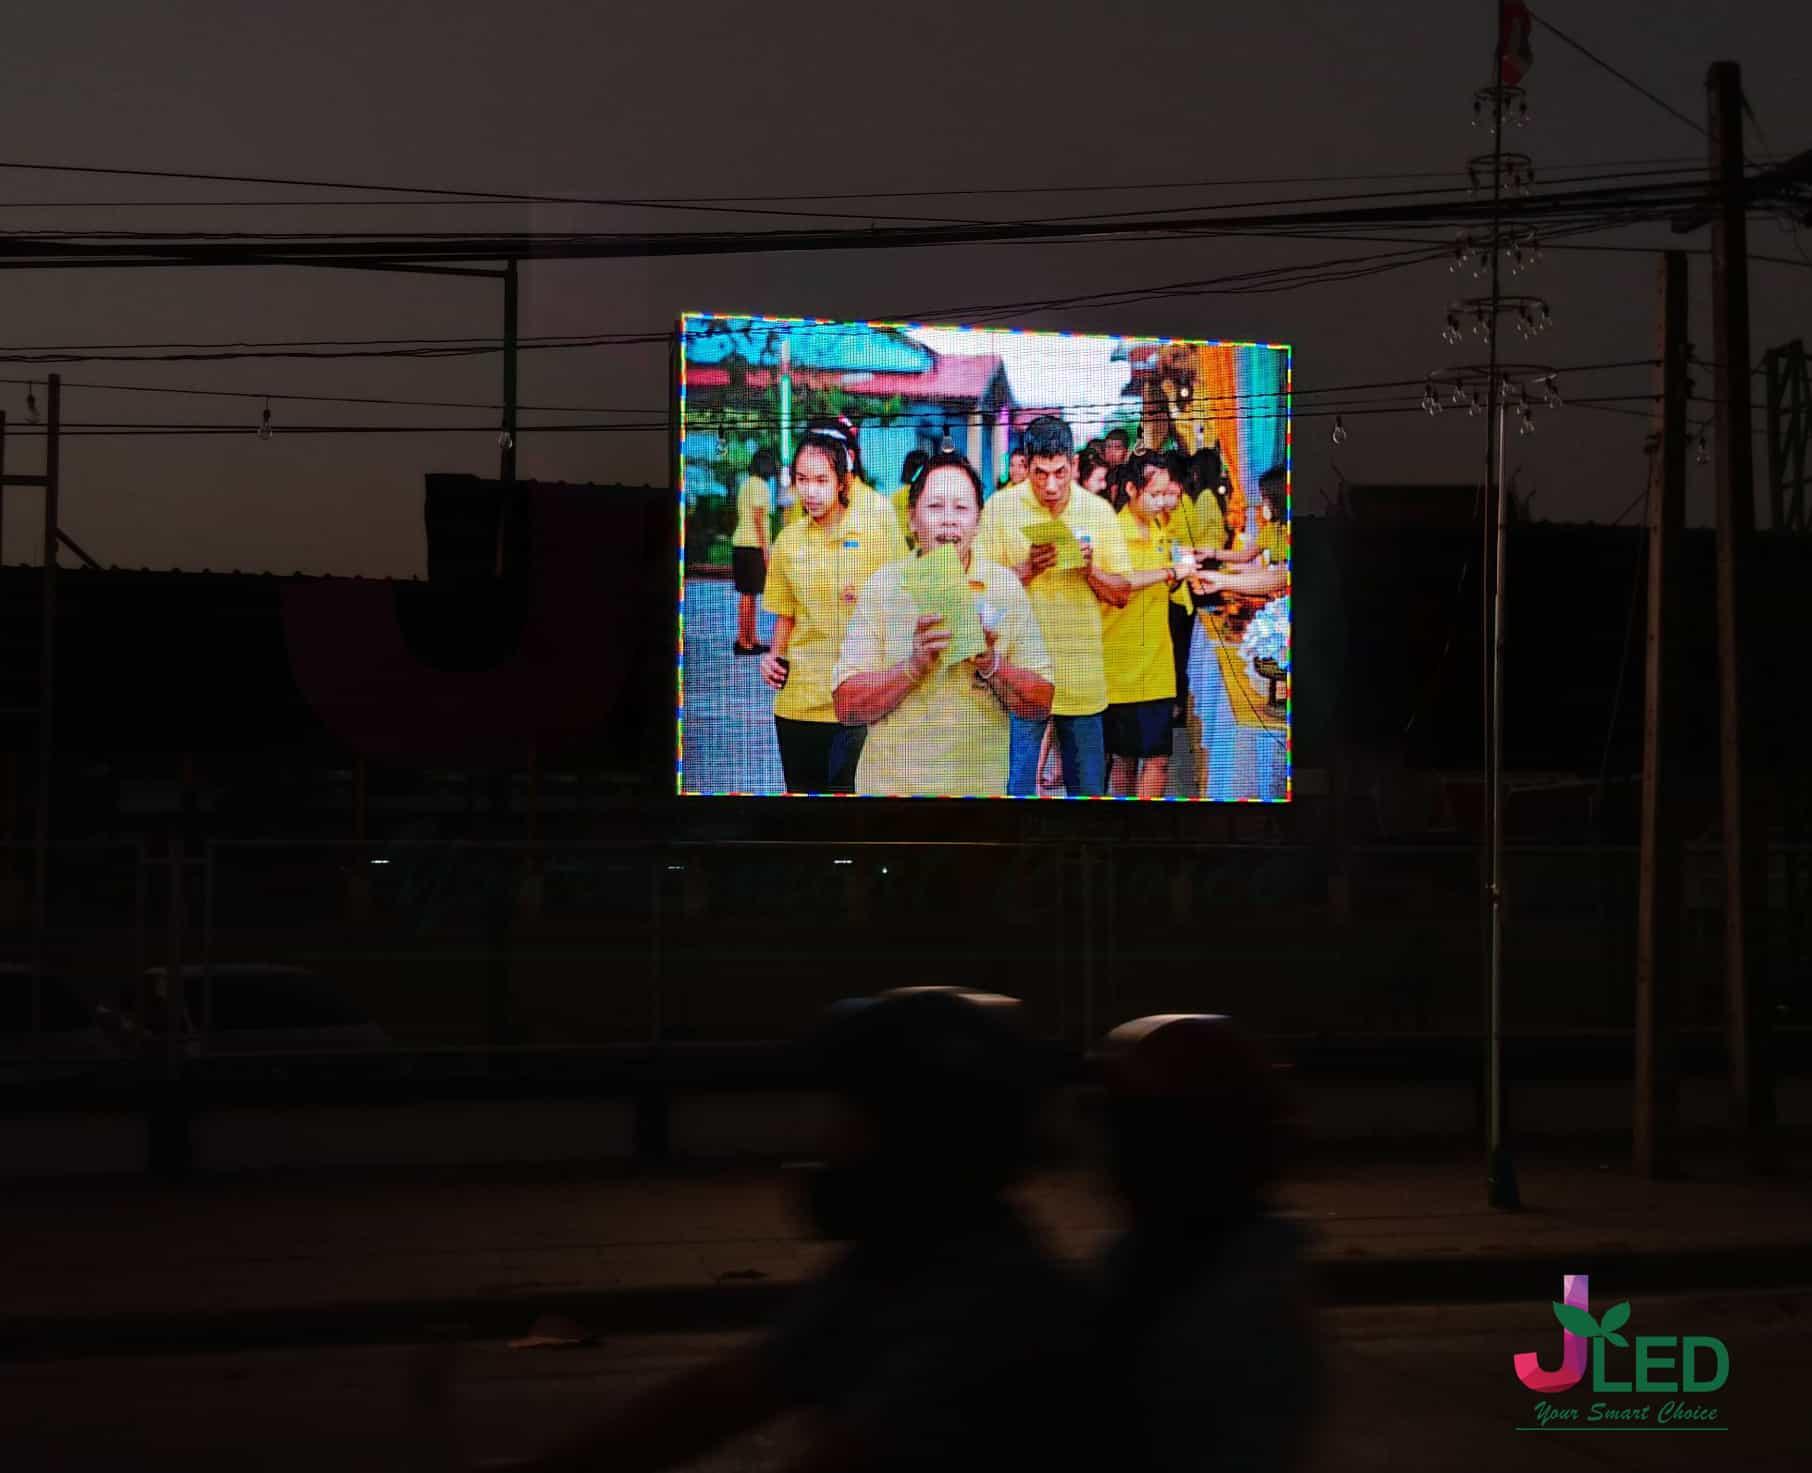 จอled display outdoor p10 school bang phli